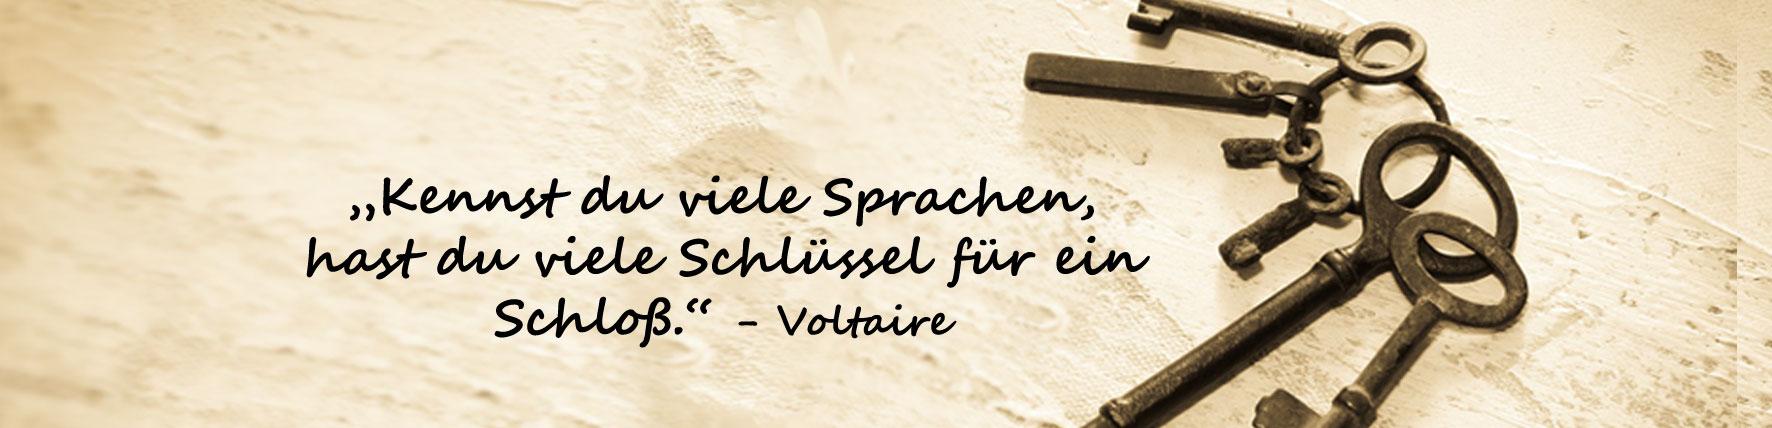 Sprachen-Schluessel-Spruch-Voltaire